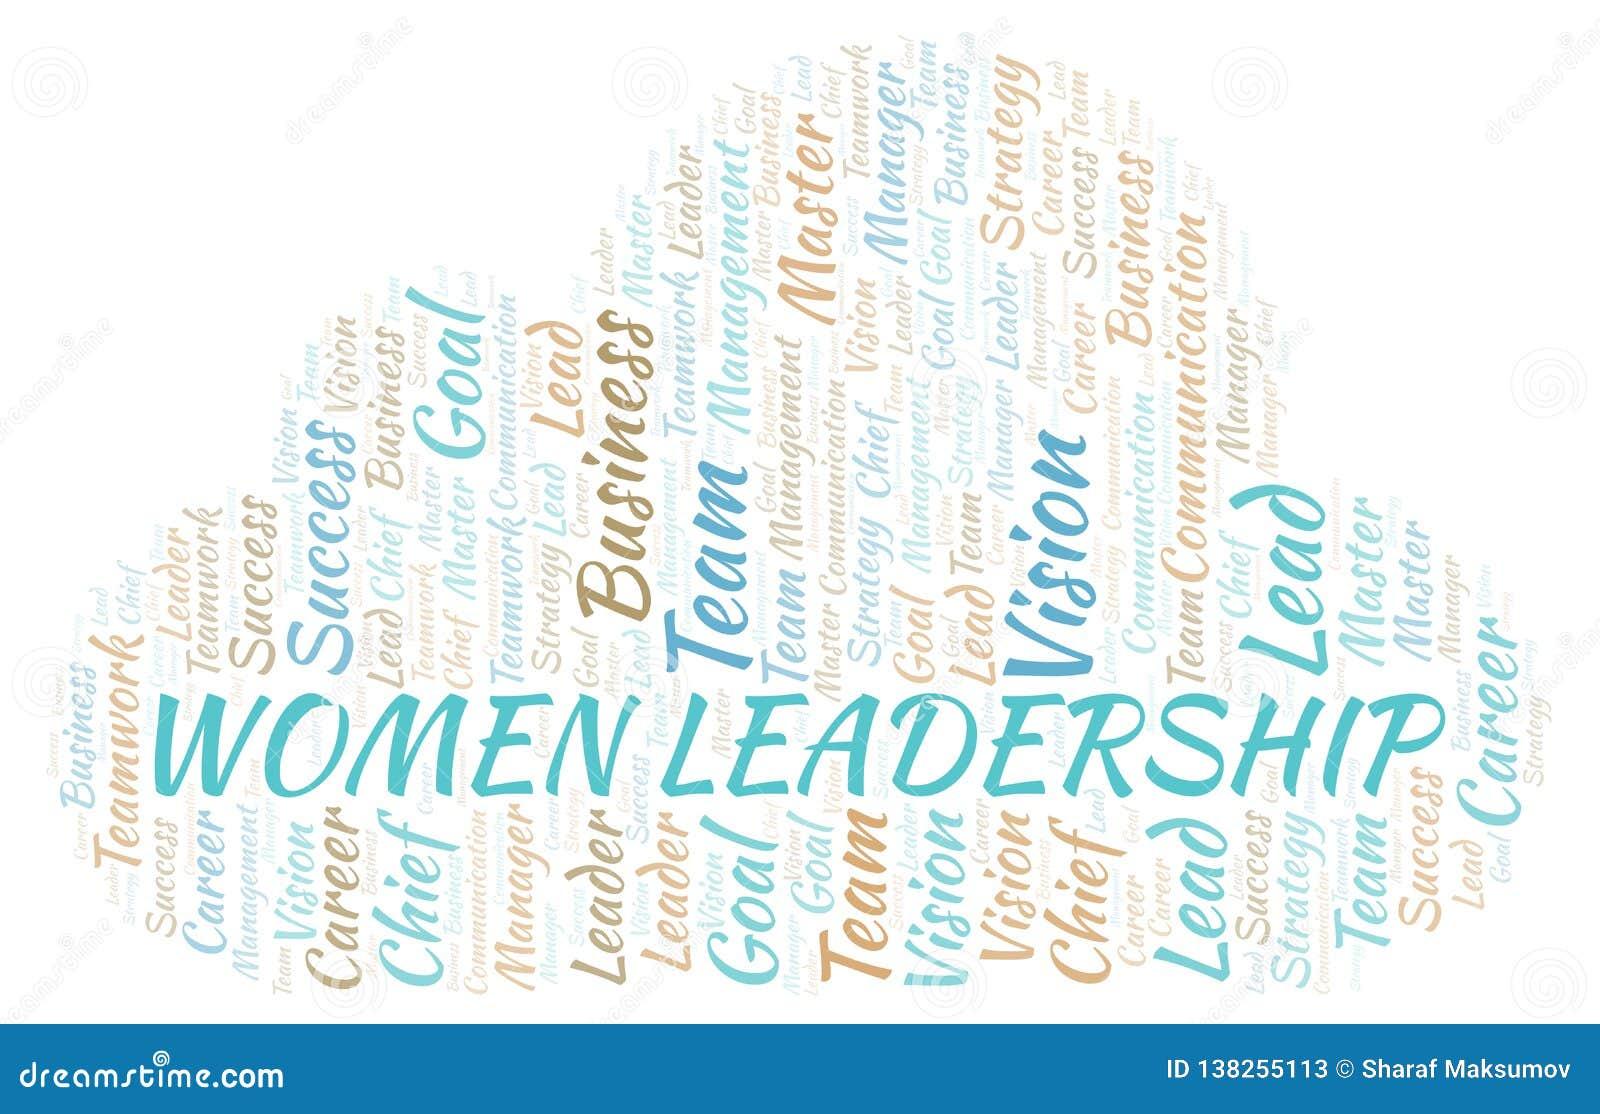 Women Leadership word cloud